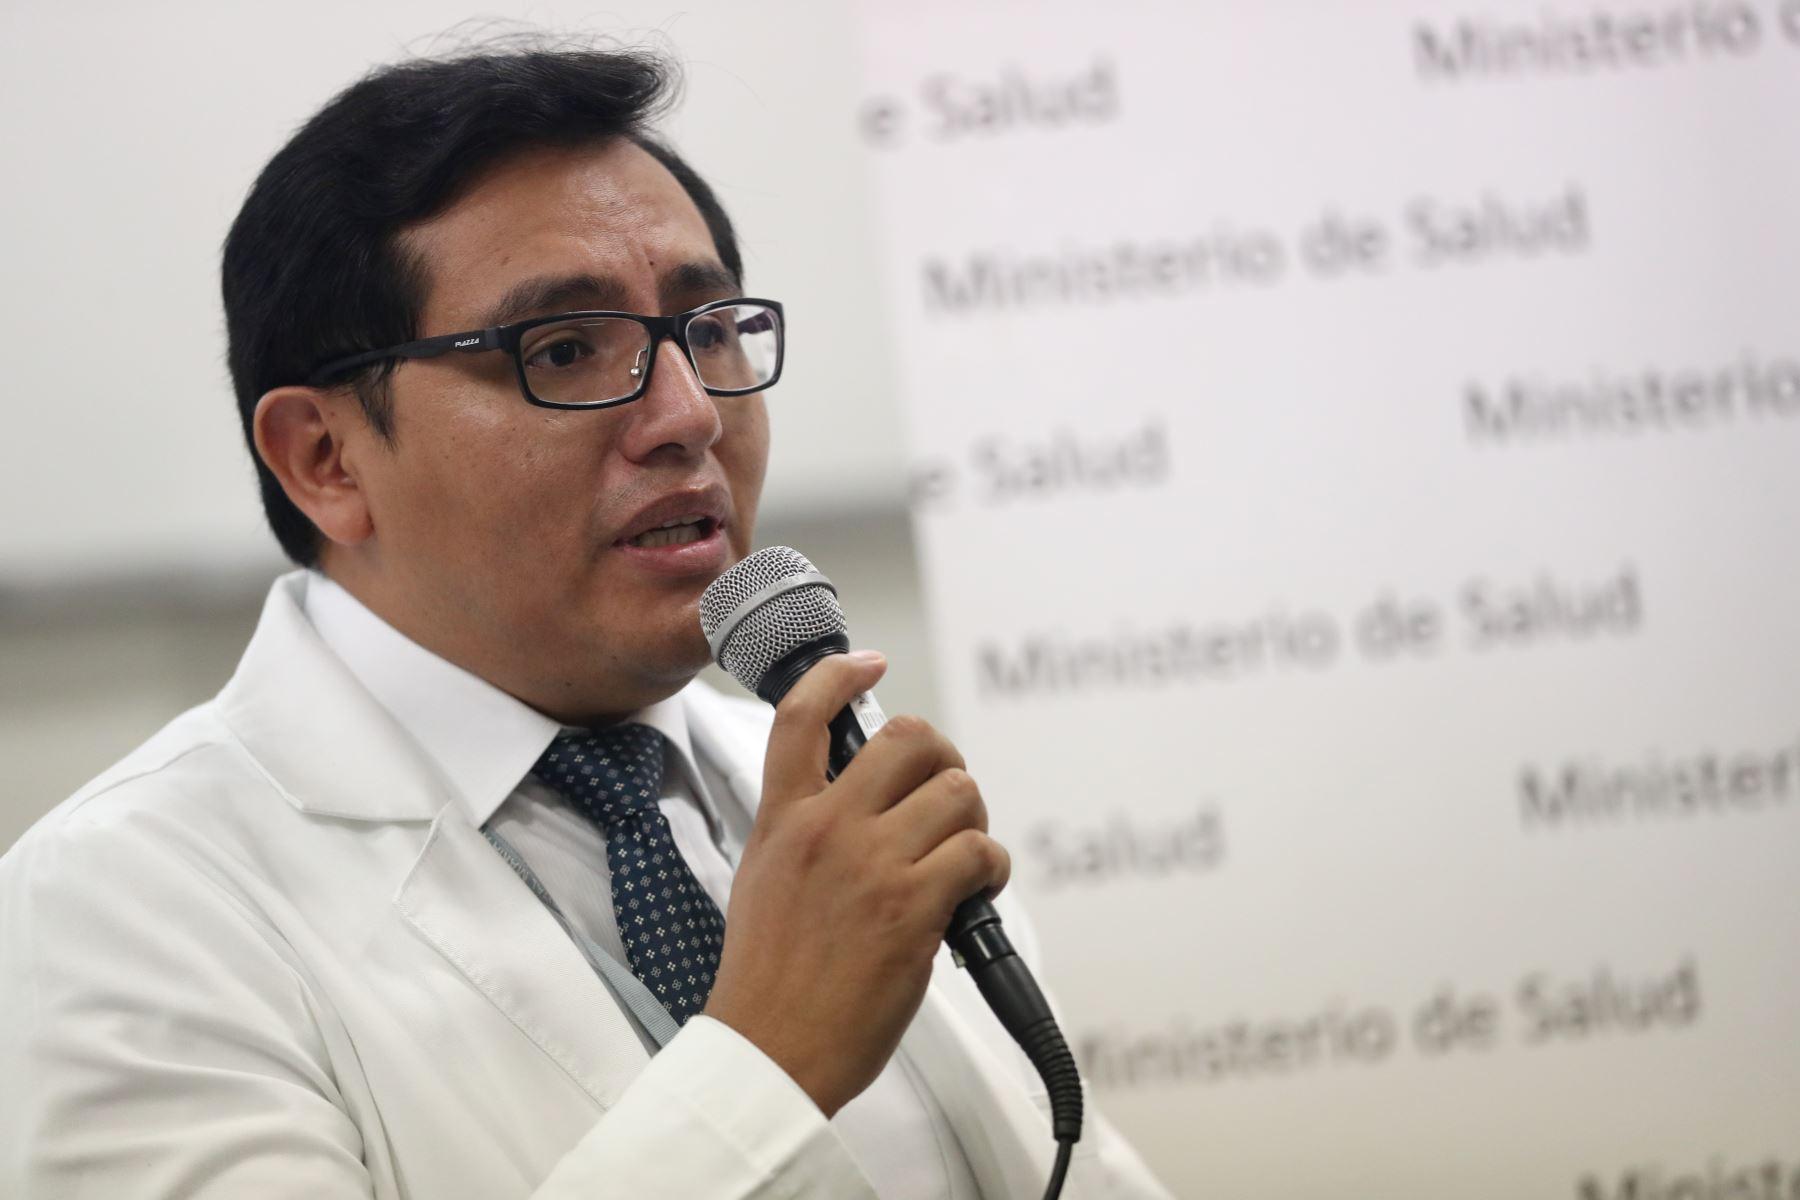 Dr. Leonel Rojas, Jefe del Banco de Ojos HMA estuvo a cargo de las intervenciones quirúrgicas.  Foto: ANDINA/Melina Mejía